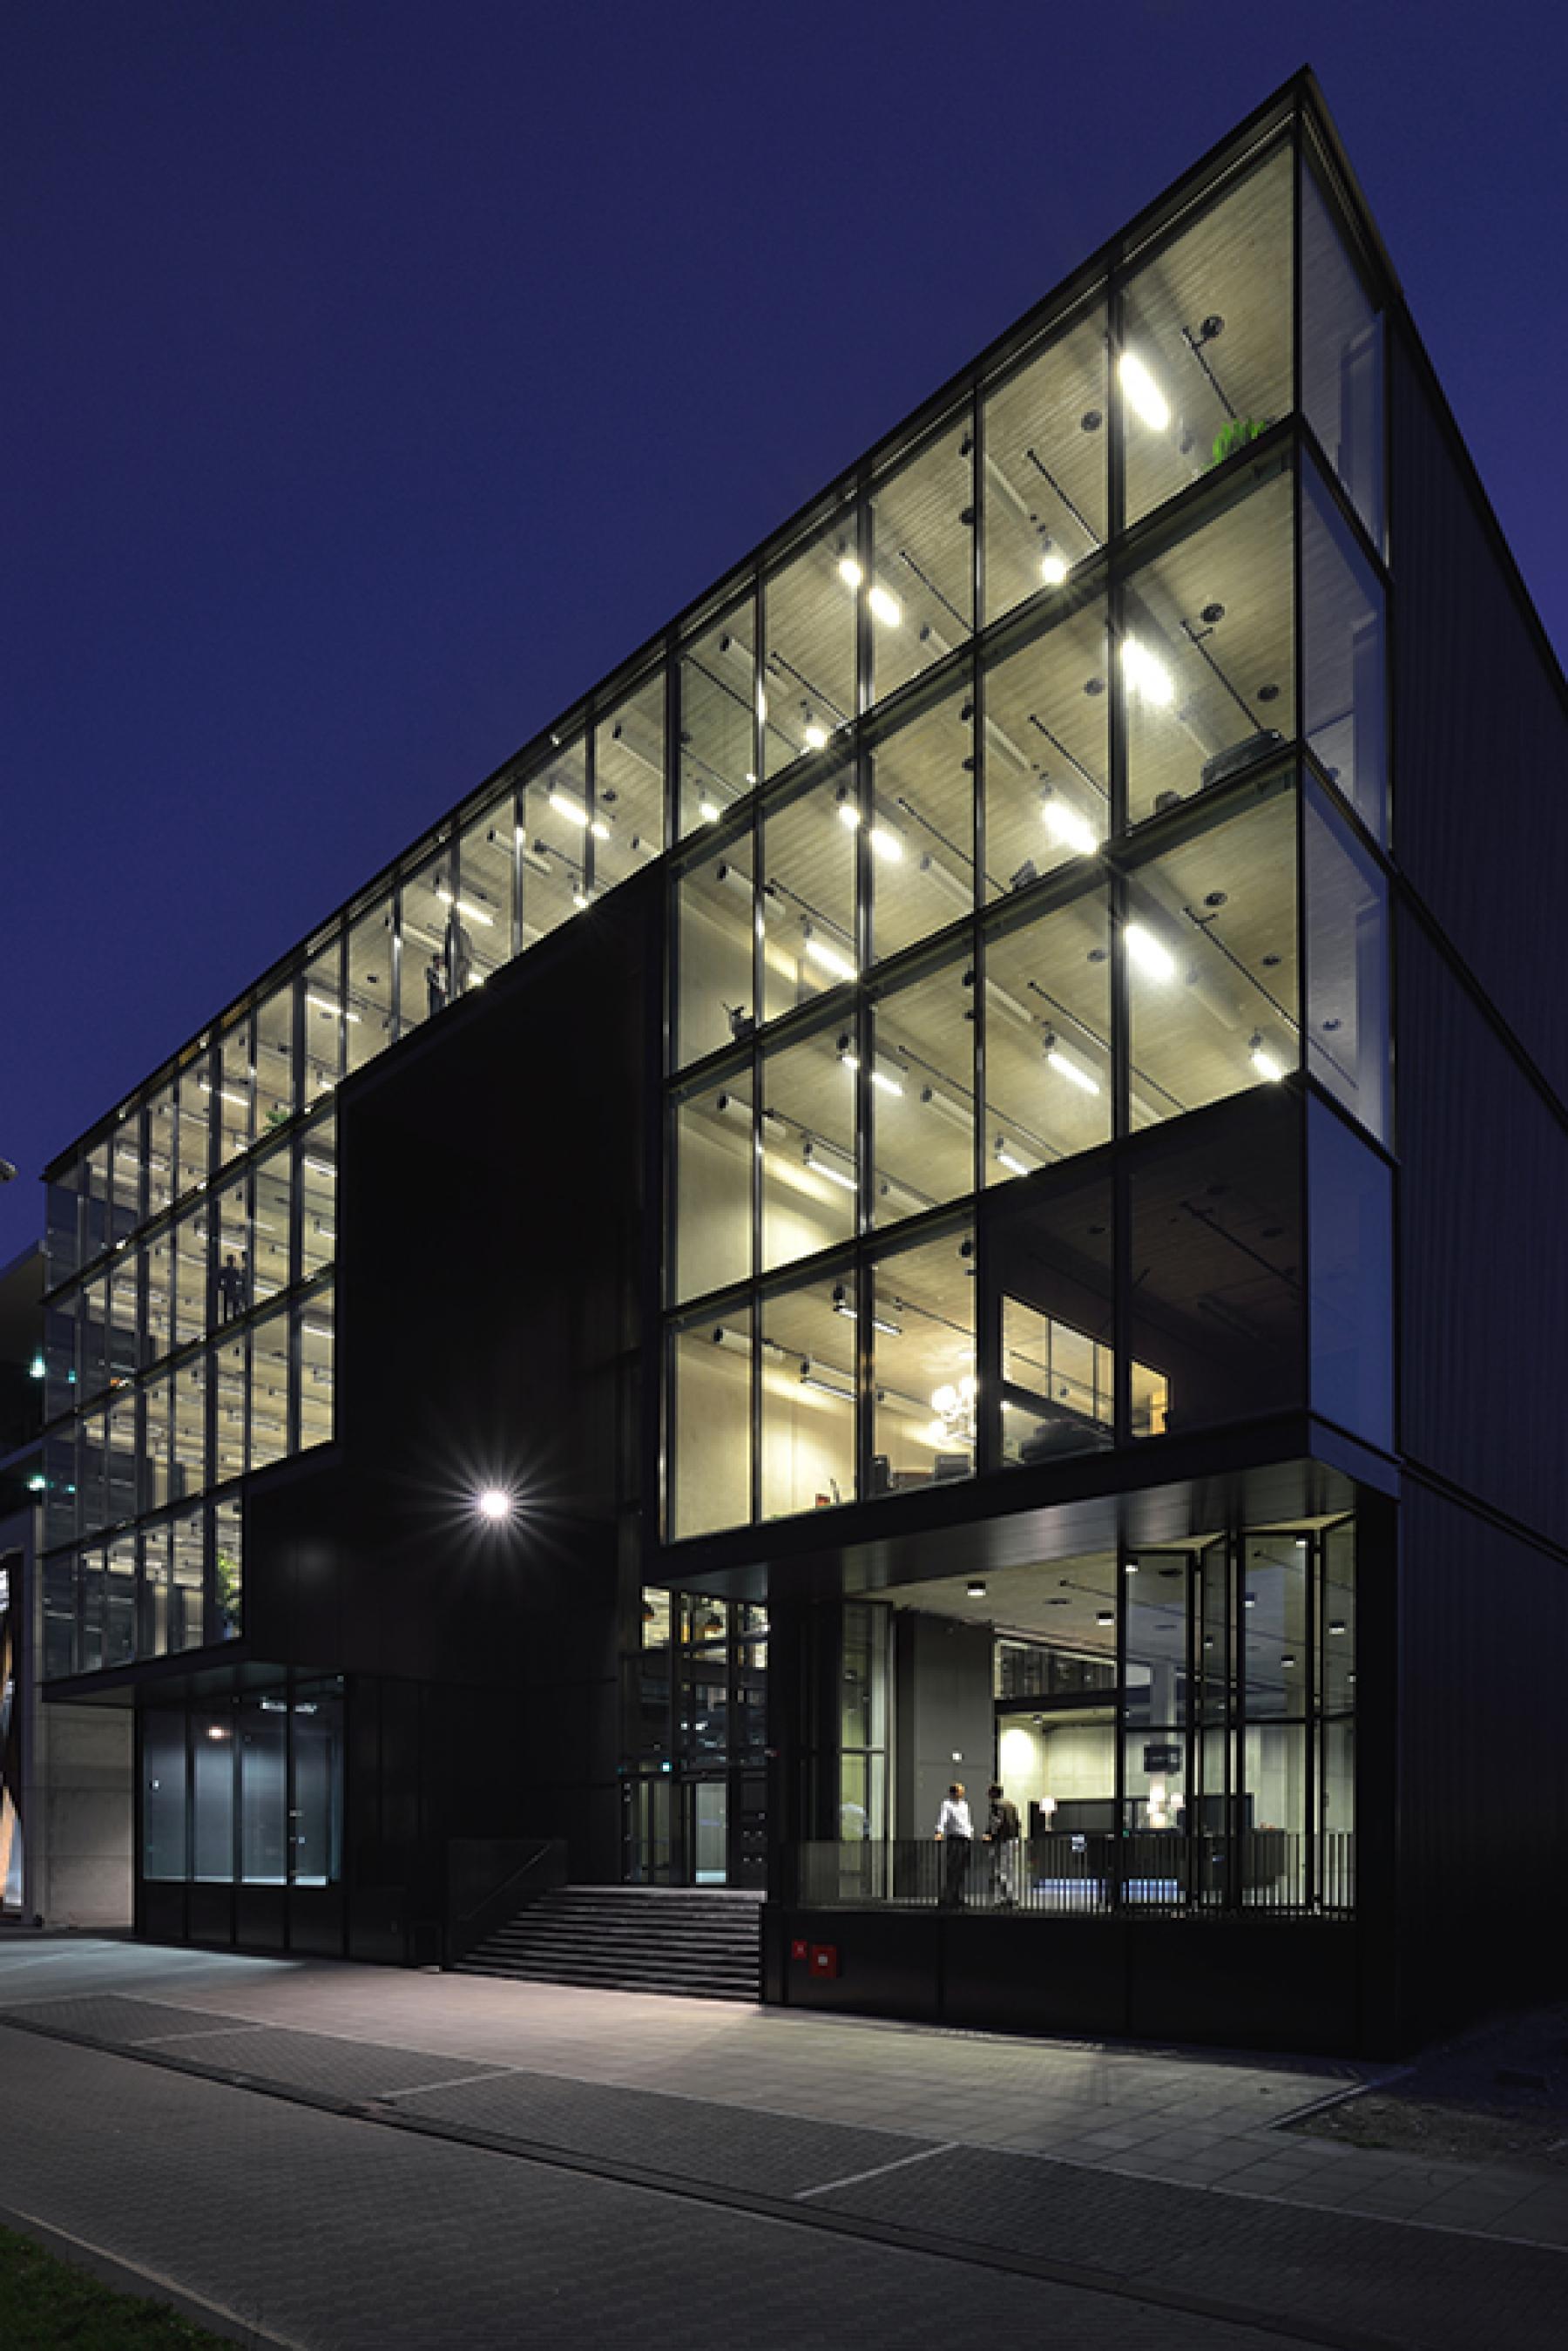 entree kantoorpand in Amsterdam aan de Archangelkade